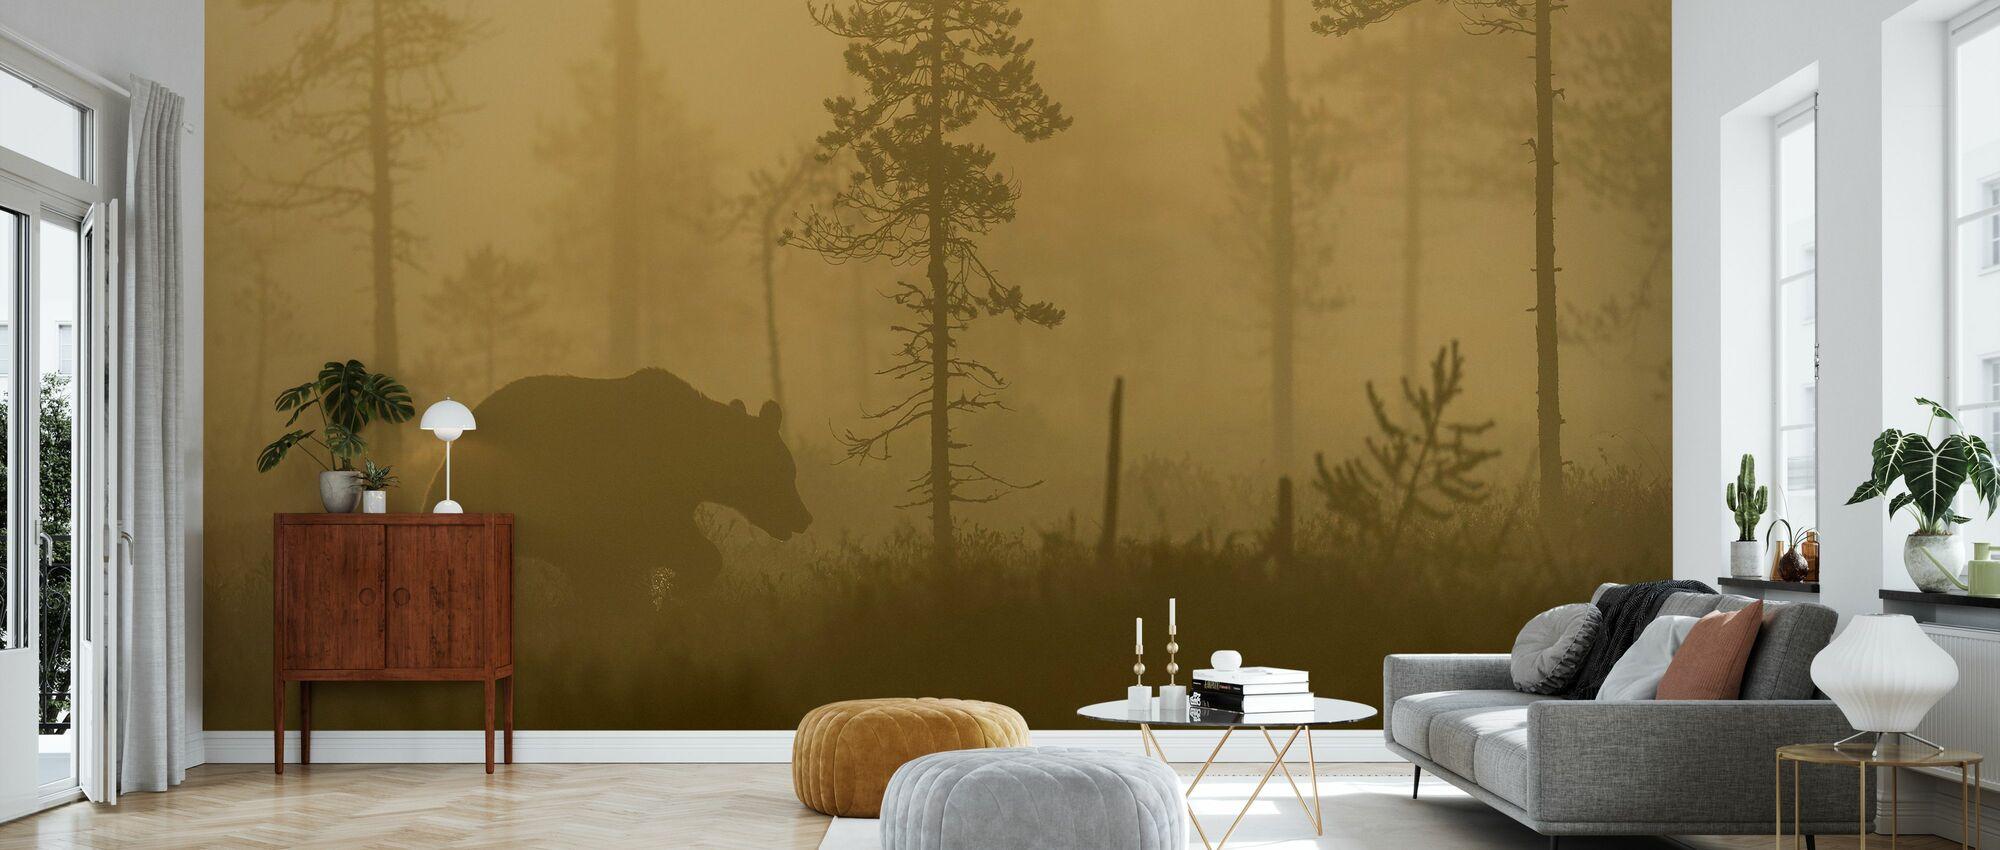 Bear in Morning Fog - Wallpaper - Living Room